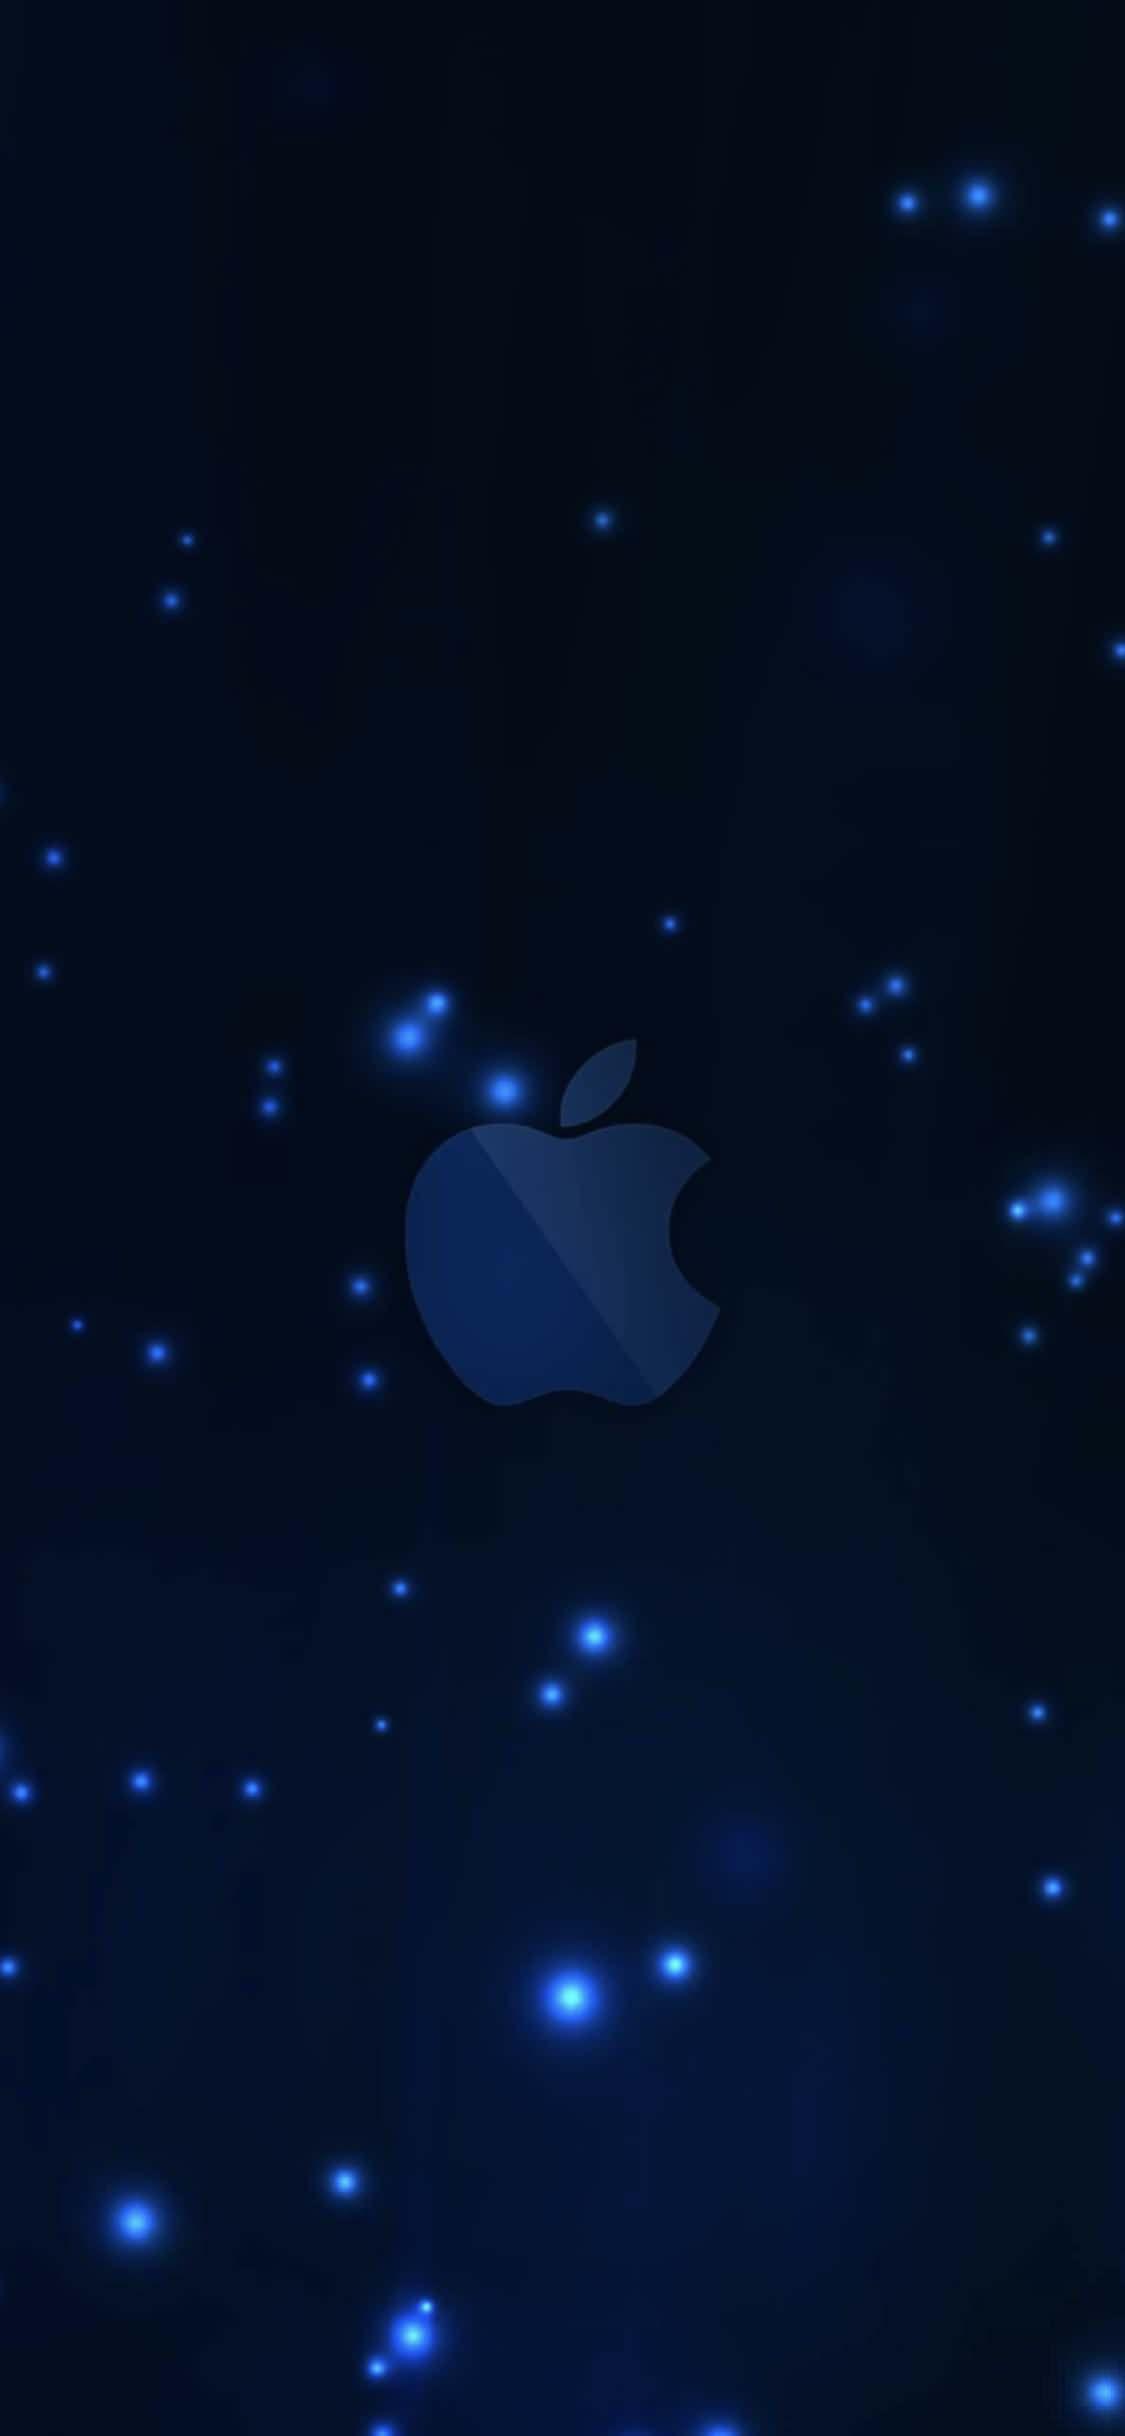 Apple青 Wallpaper Sc Iphonexs壁紙